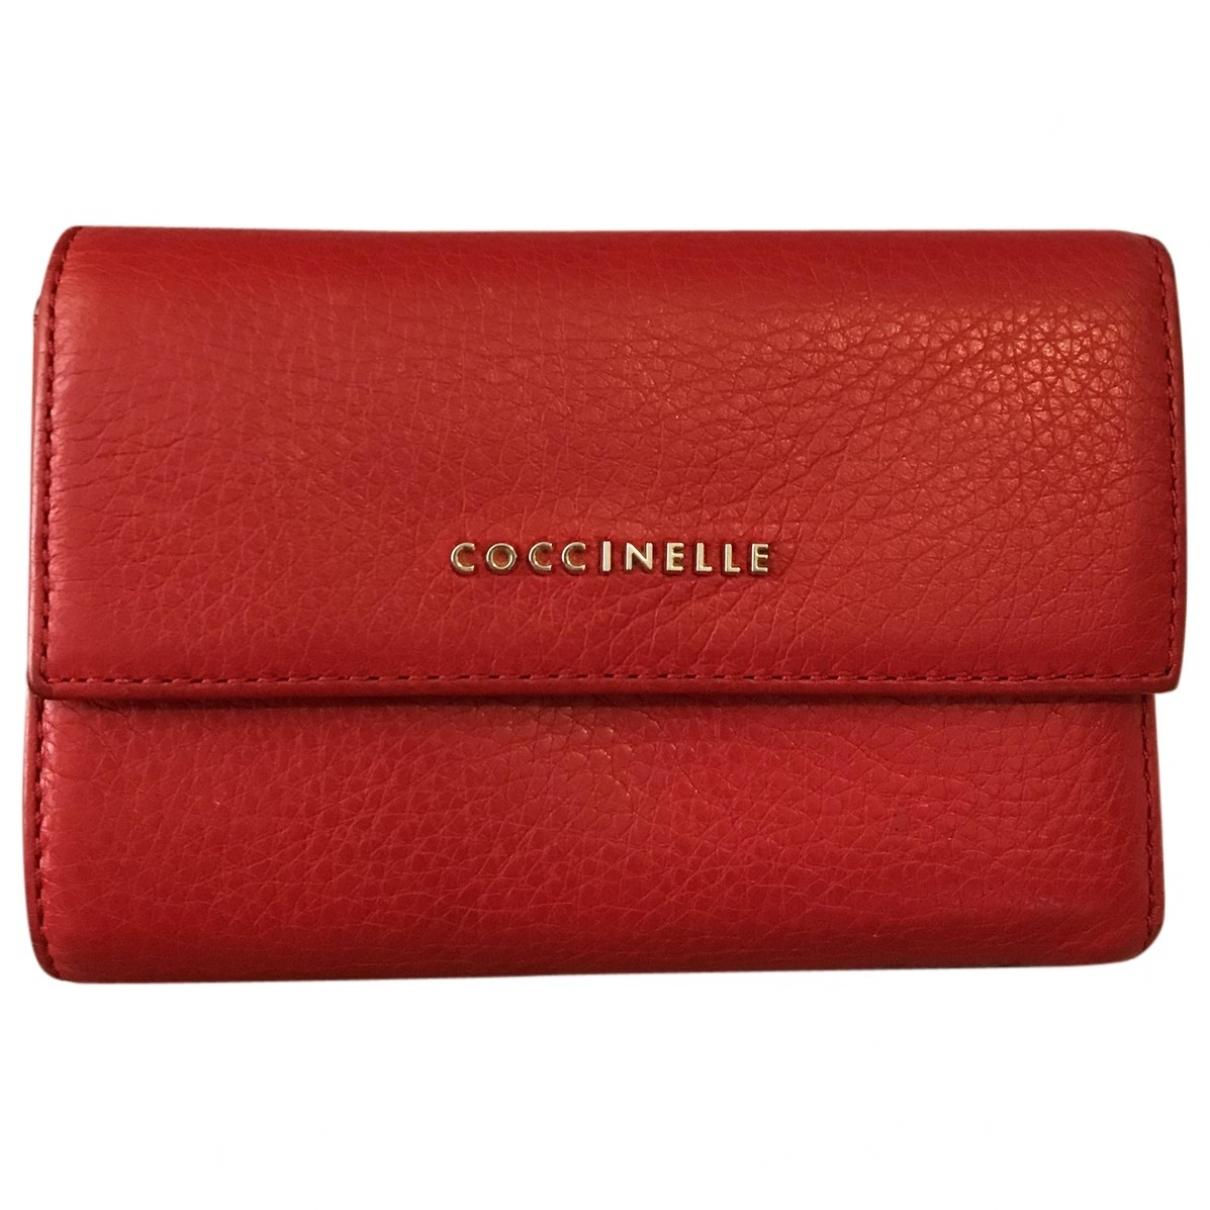 Coccinelle - Portefeuille   pour femme en cuir - rouge